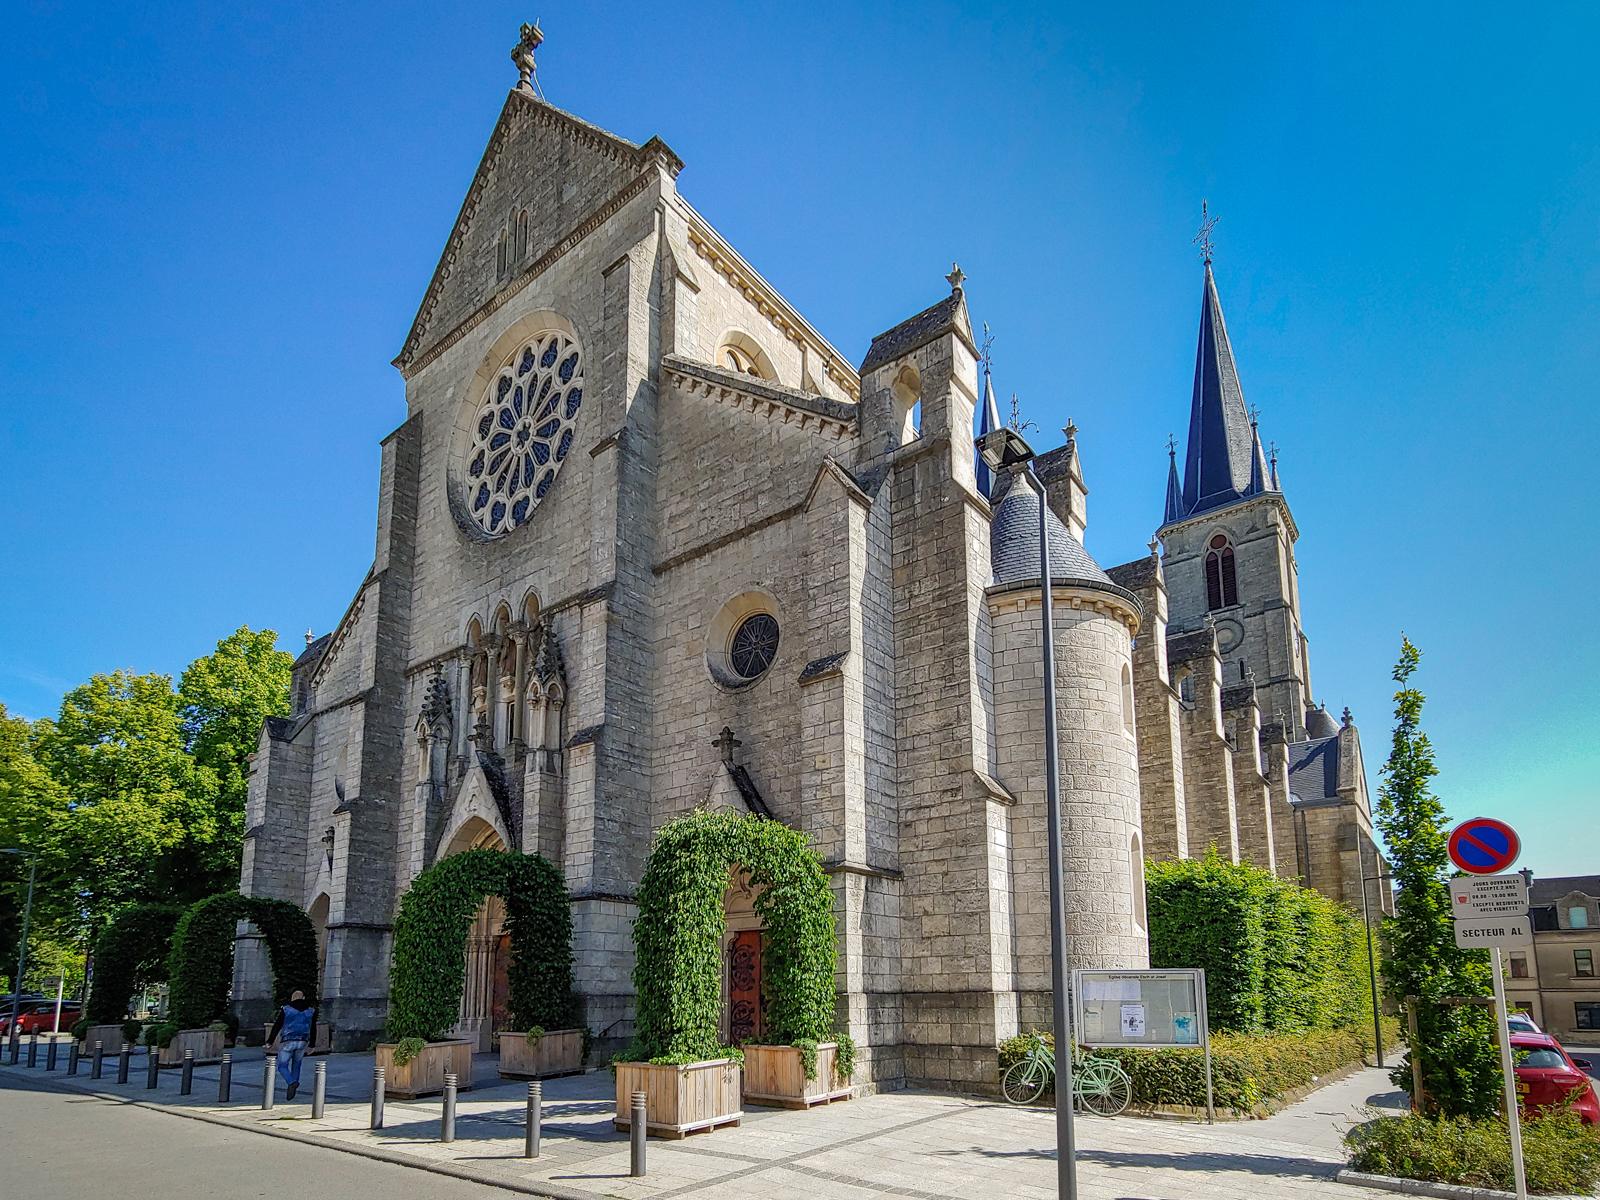 Eglisée Esch-Sur Alzette, Luxembourg